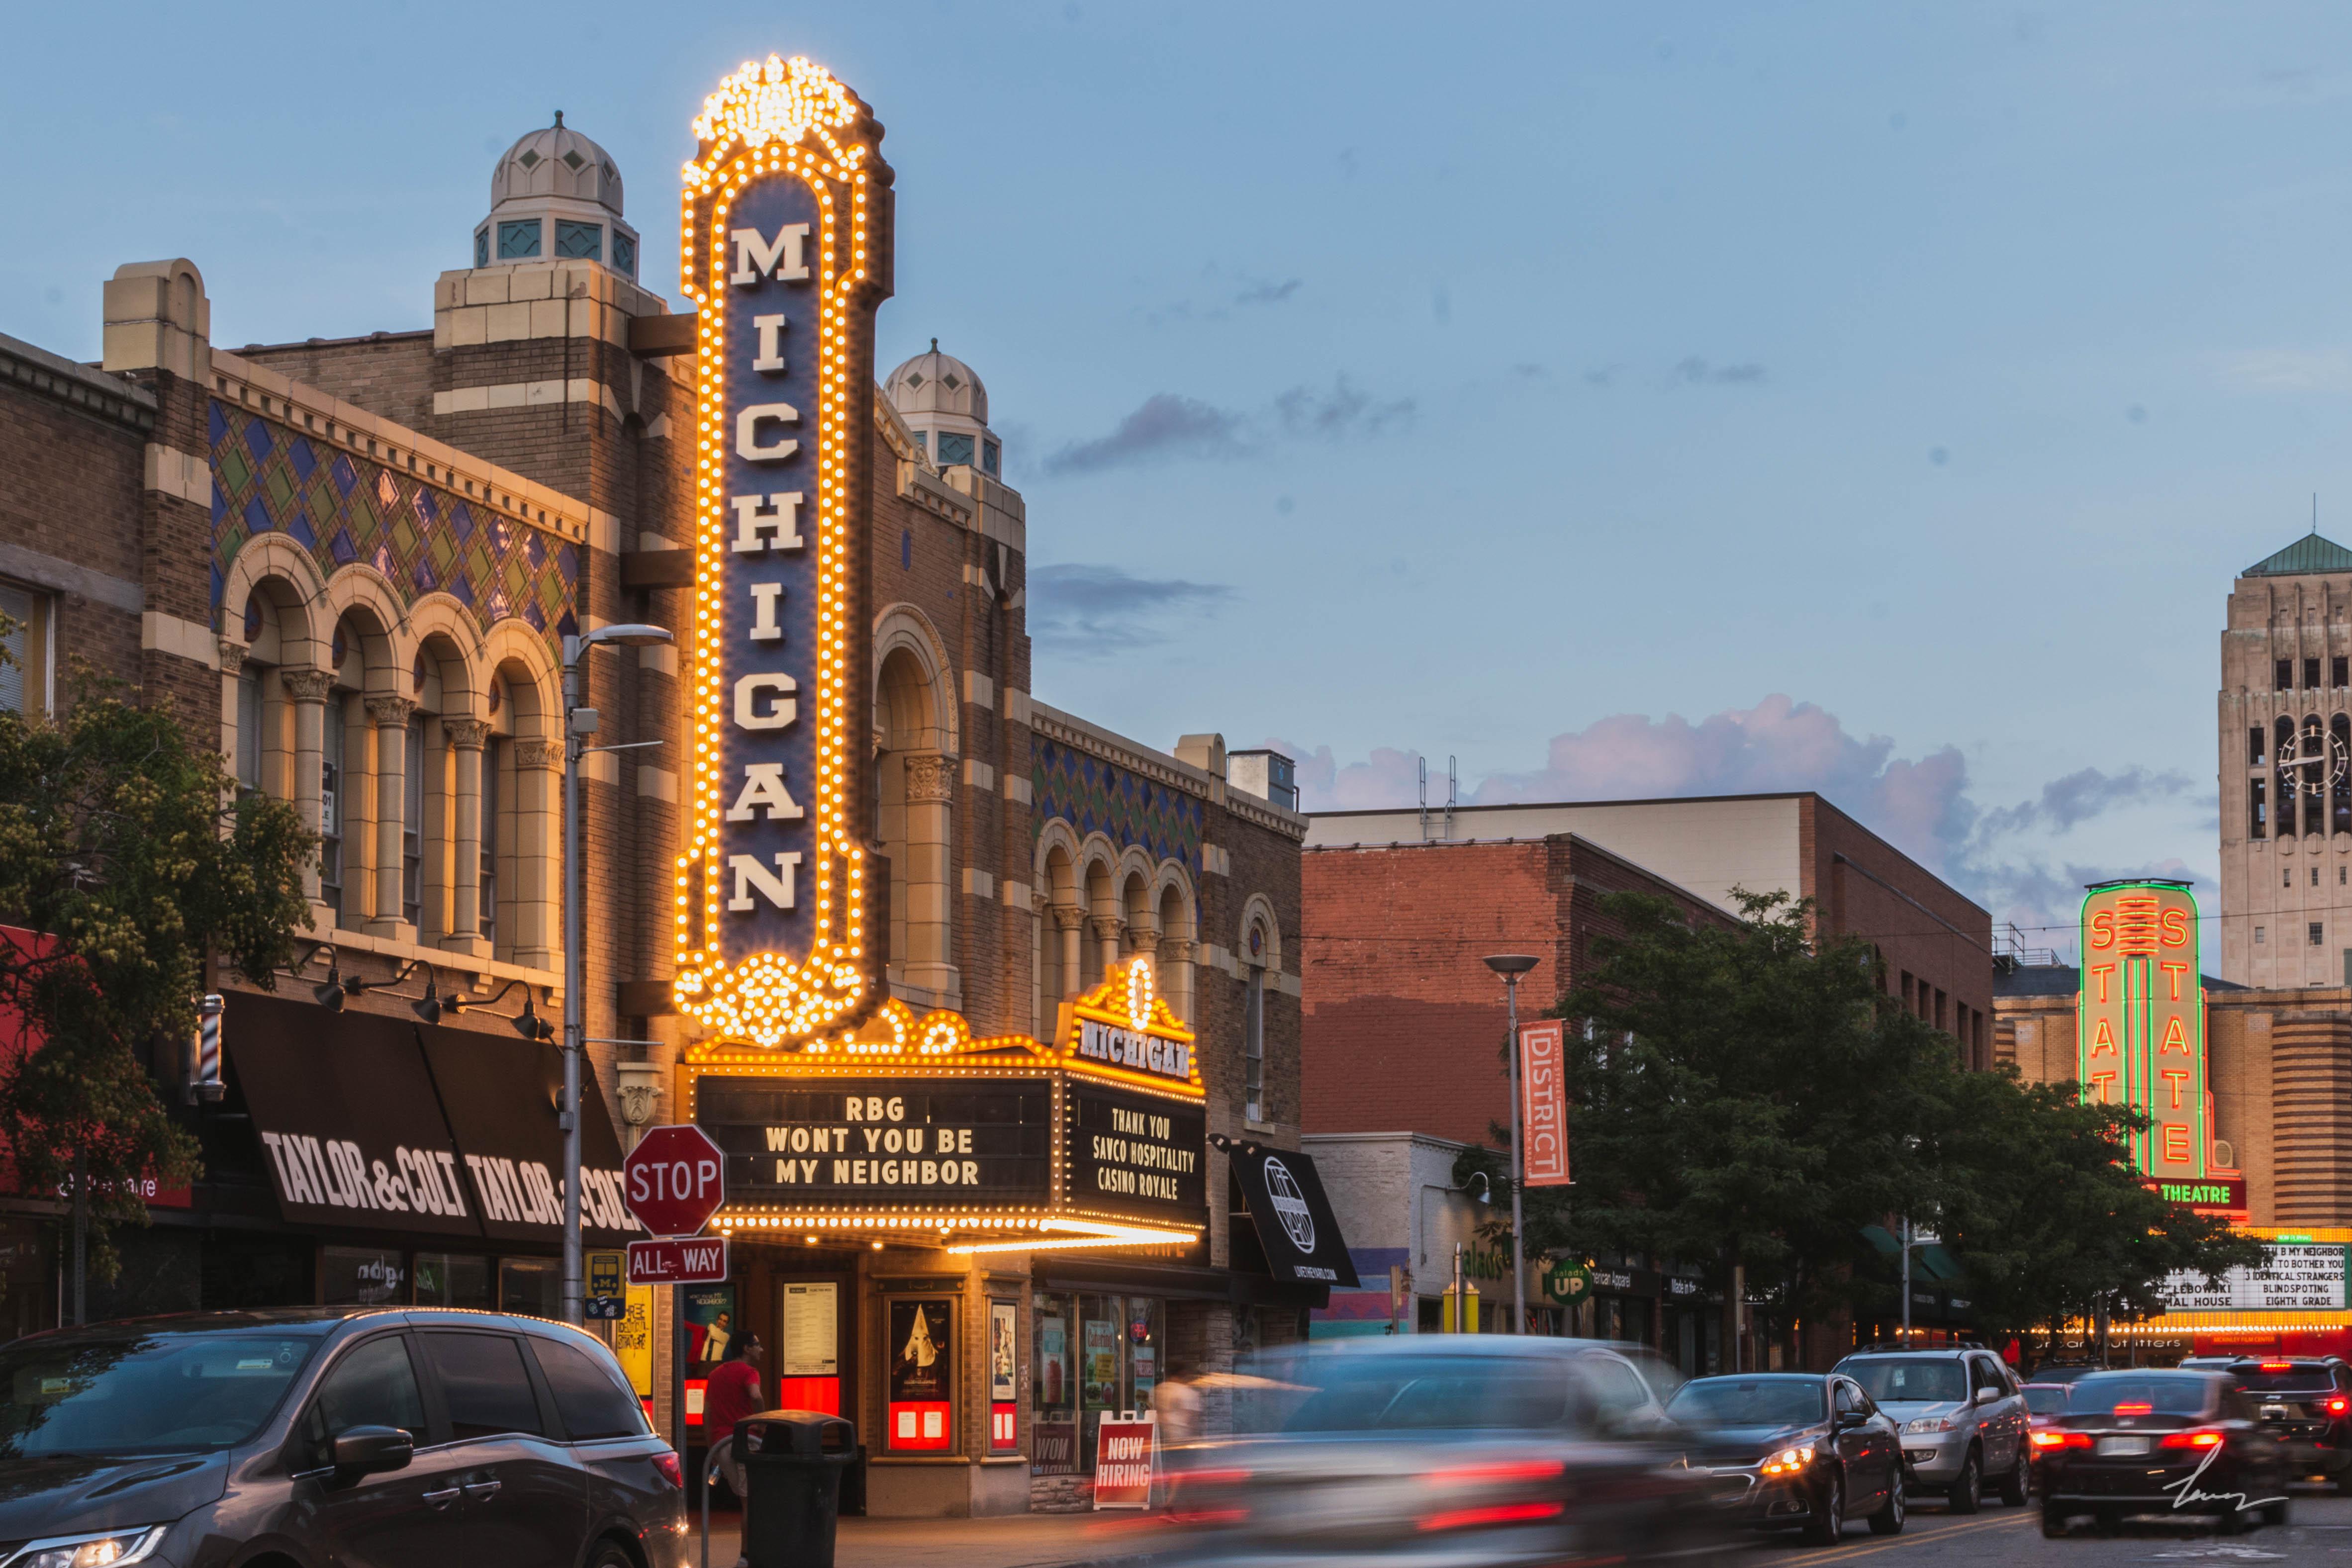 The State Theatre - Ann Arbor, Michigan